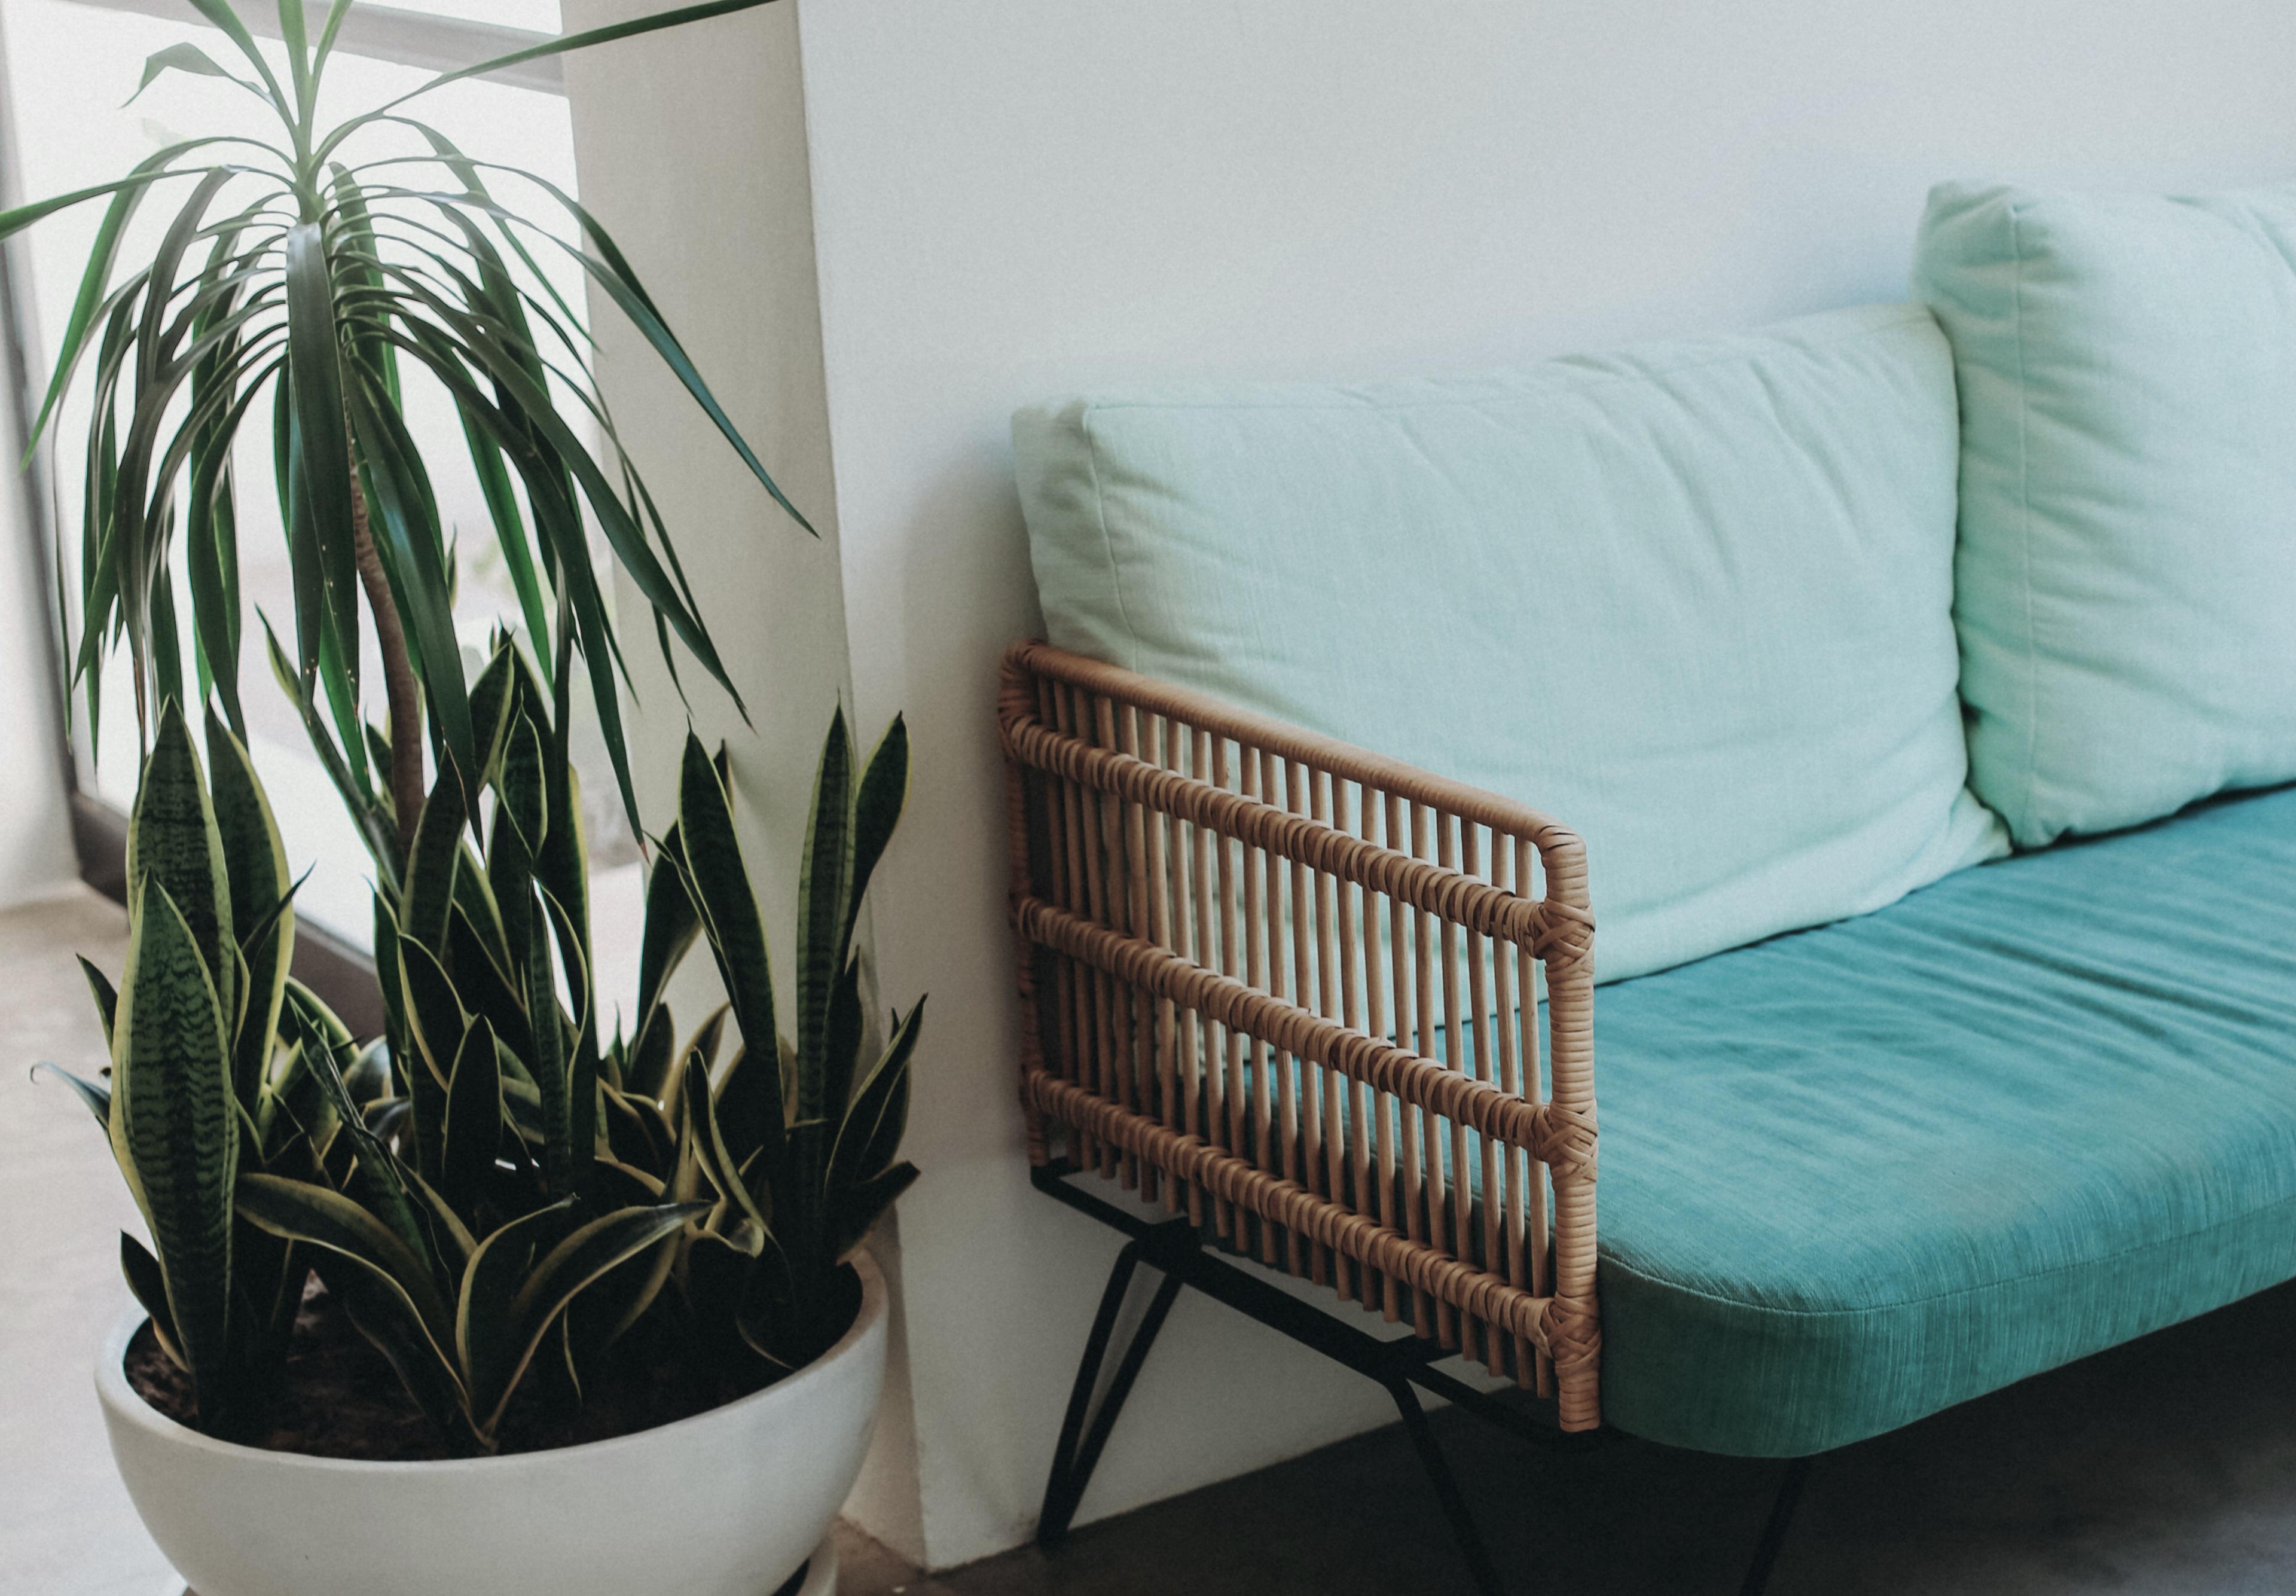 hotel-design-boutique-interiors-decor-lobby-2-donbonito111111